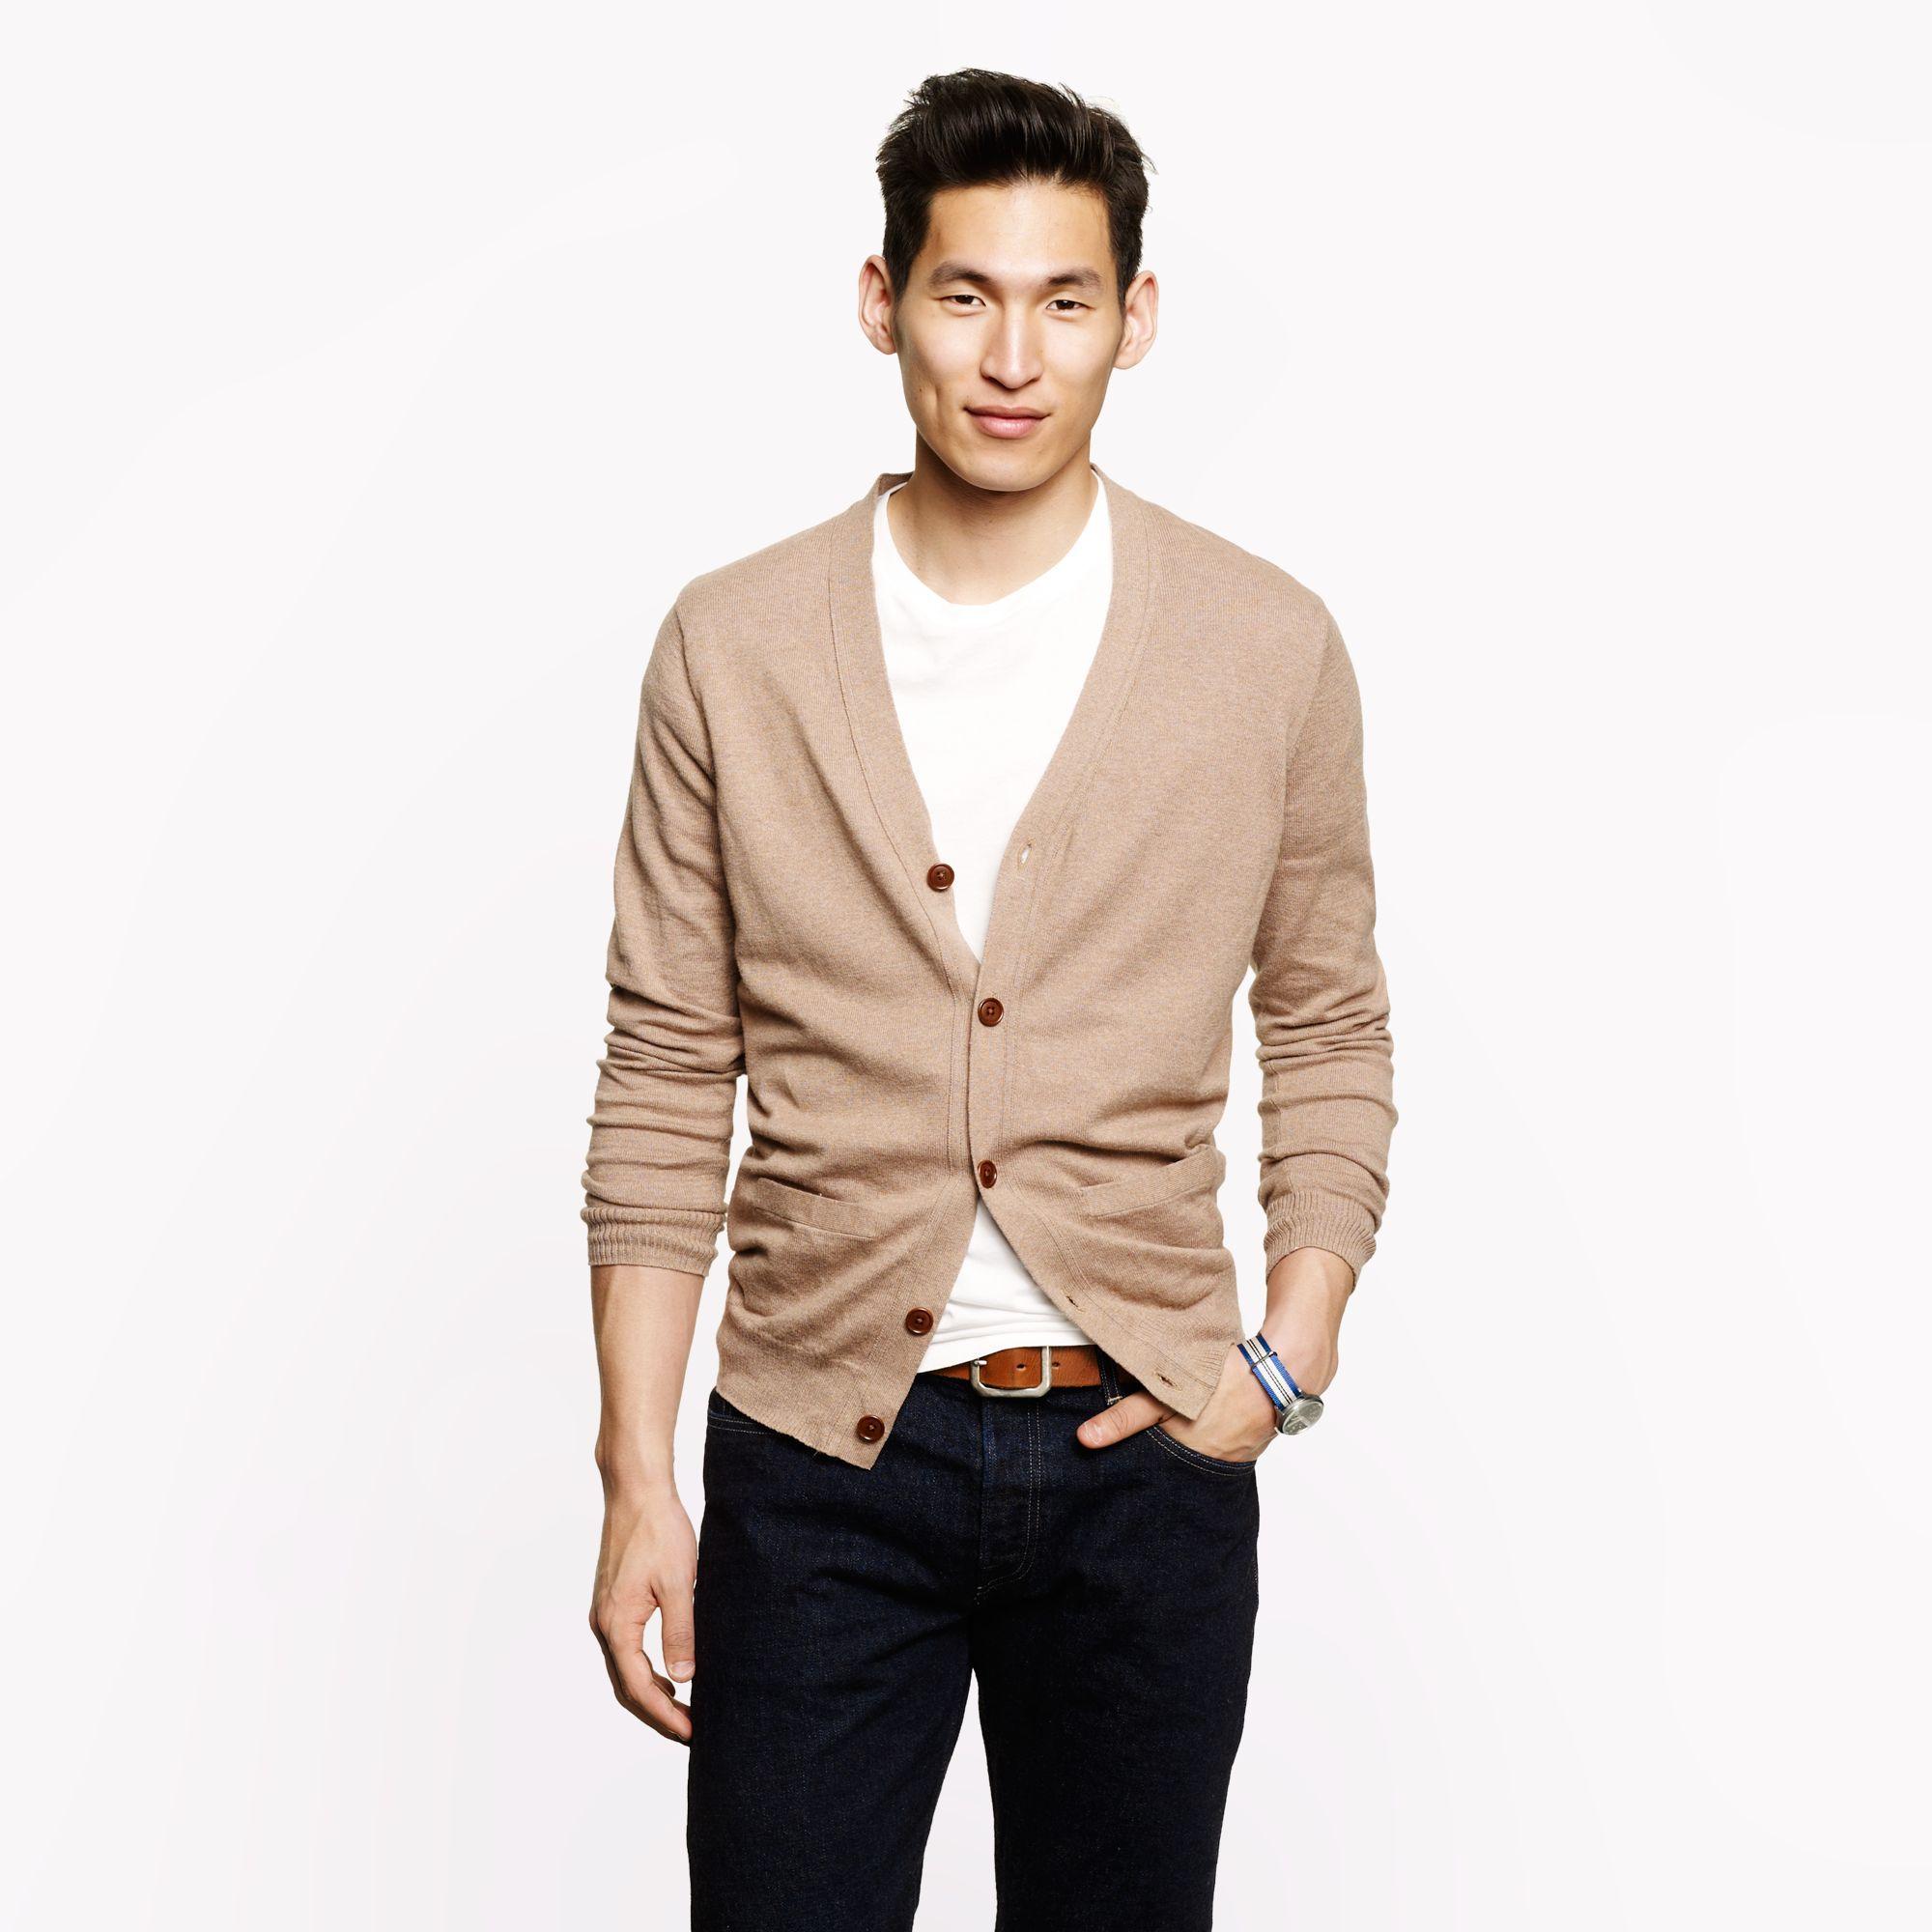 jcrew-hthr-camel-cottoncashmere-cardigan-product-1-12098242 ...